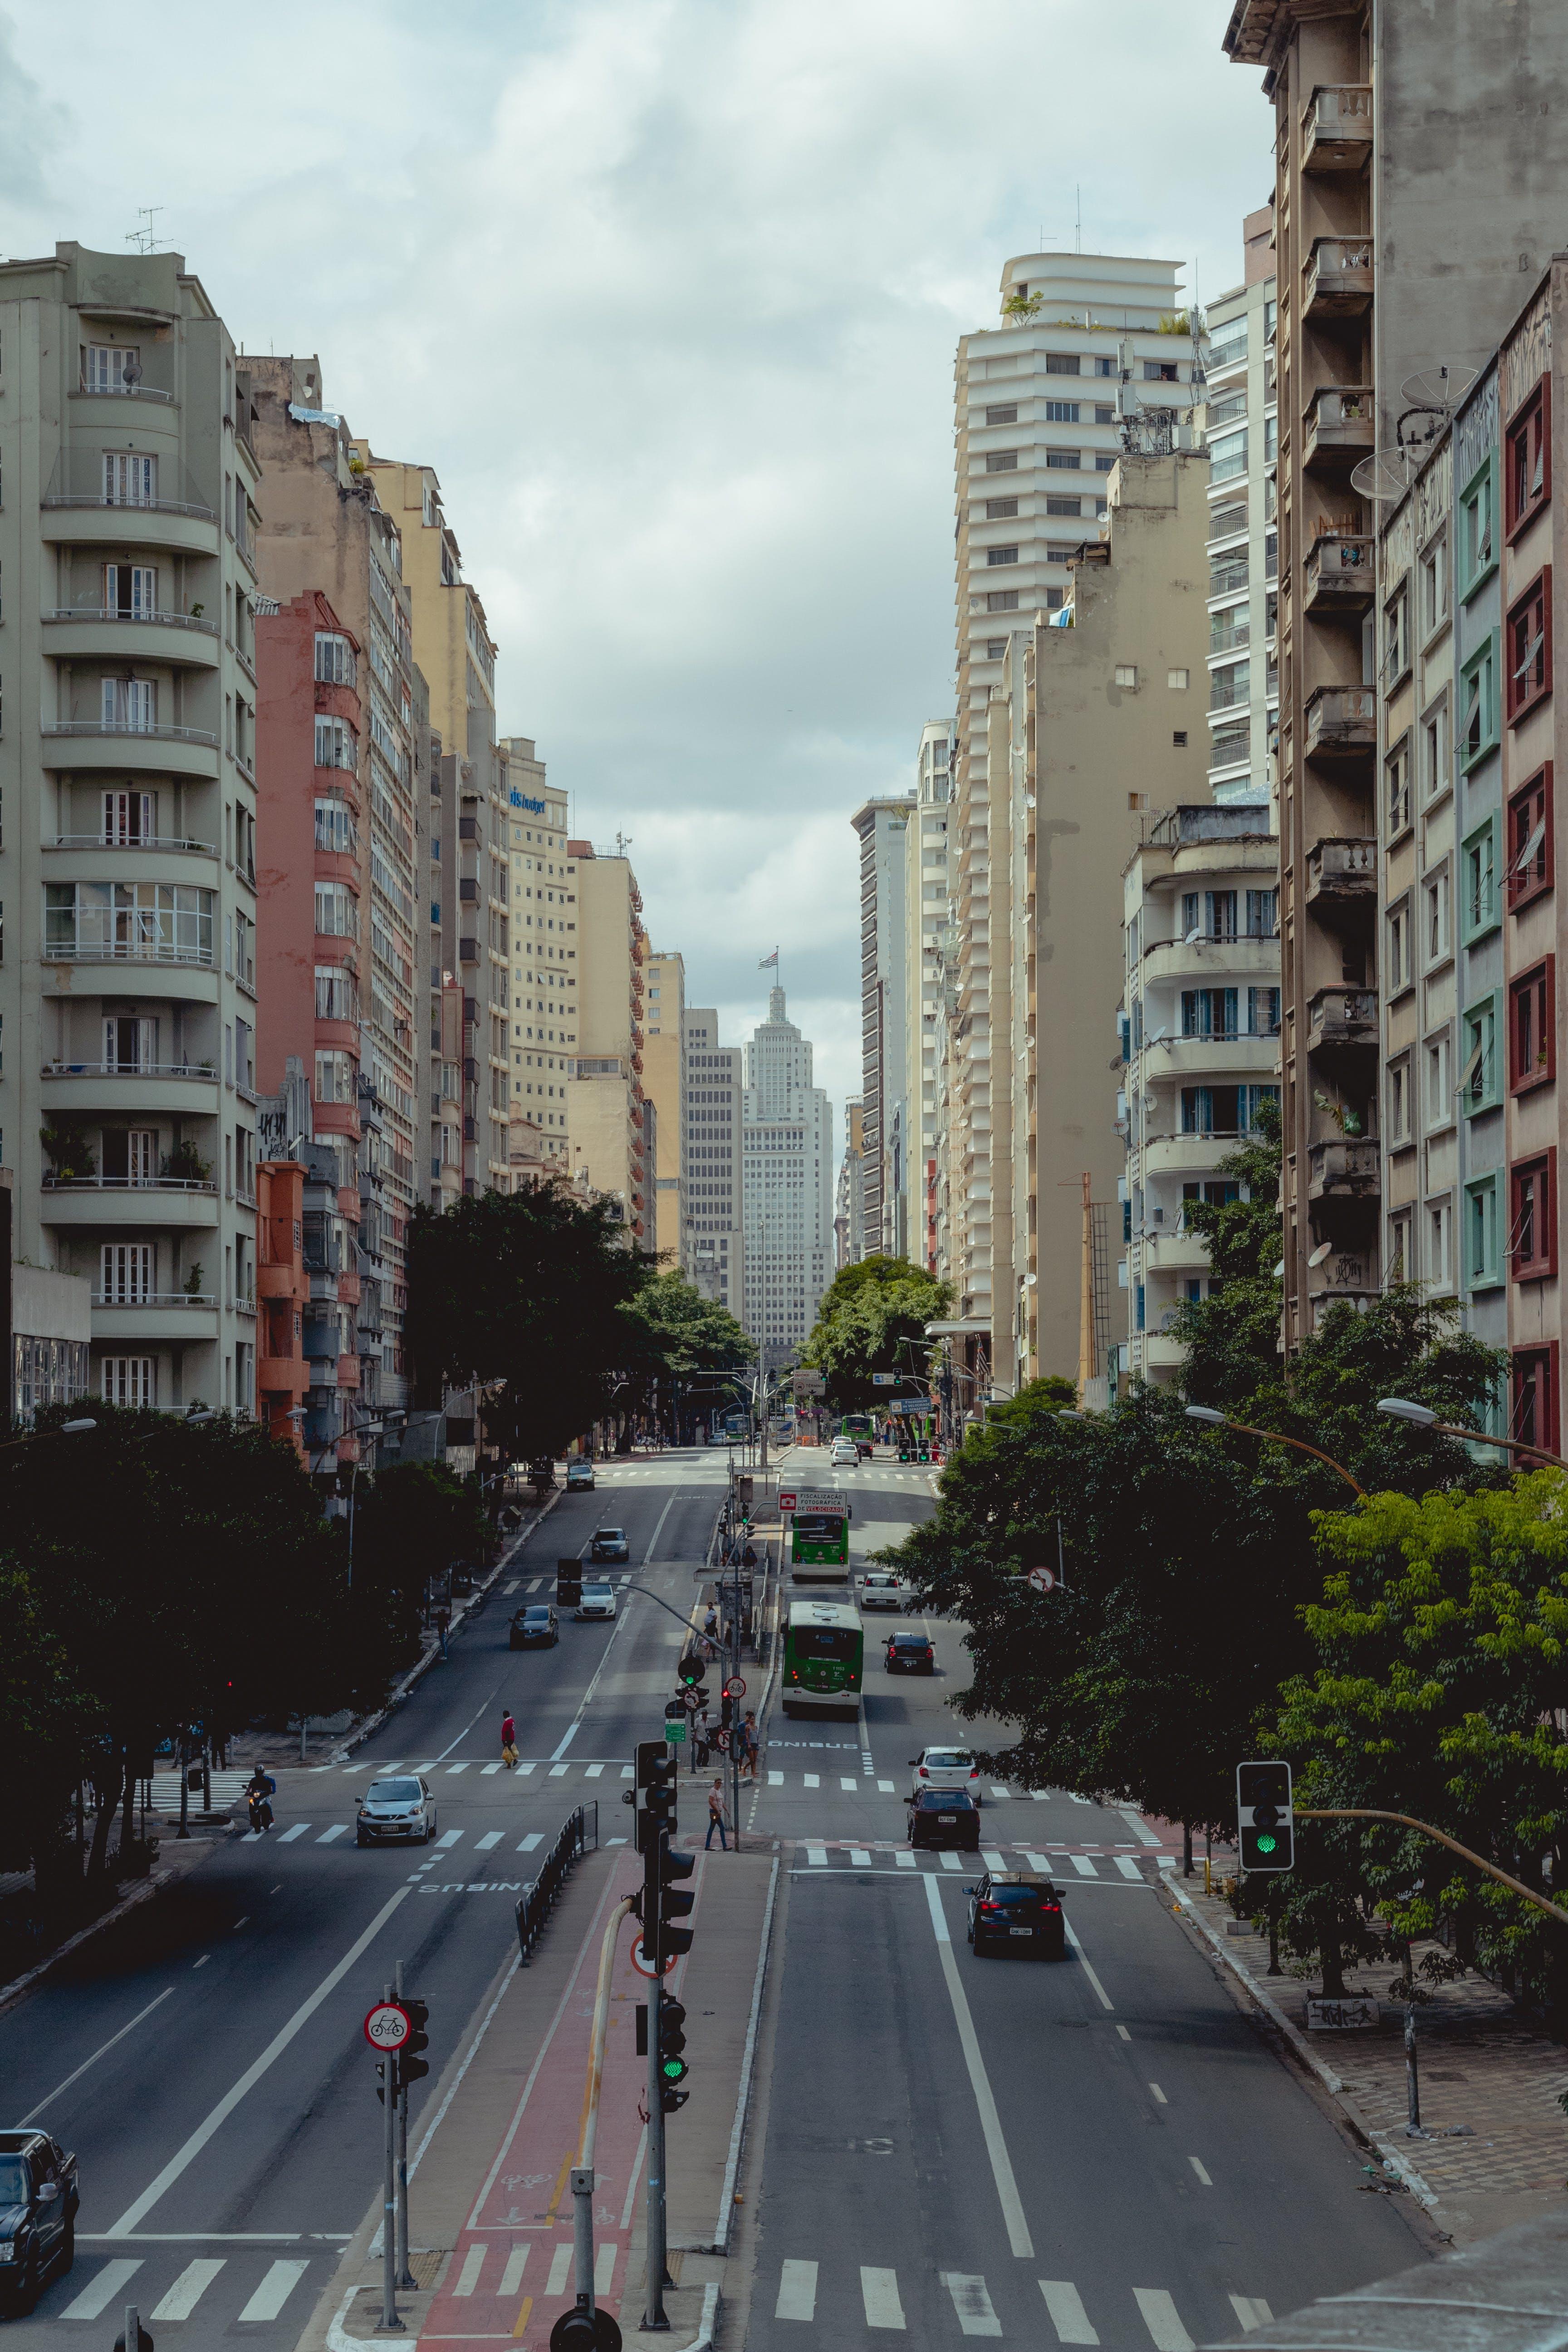 Fotos de stock gratuitas de al aire libre, apartamento, arboles, arquitectura